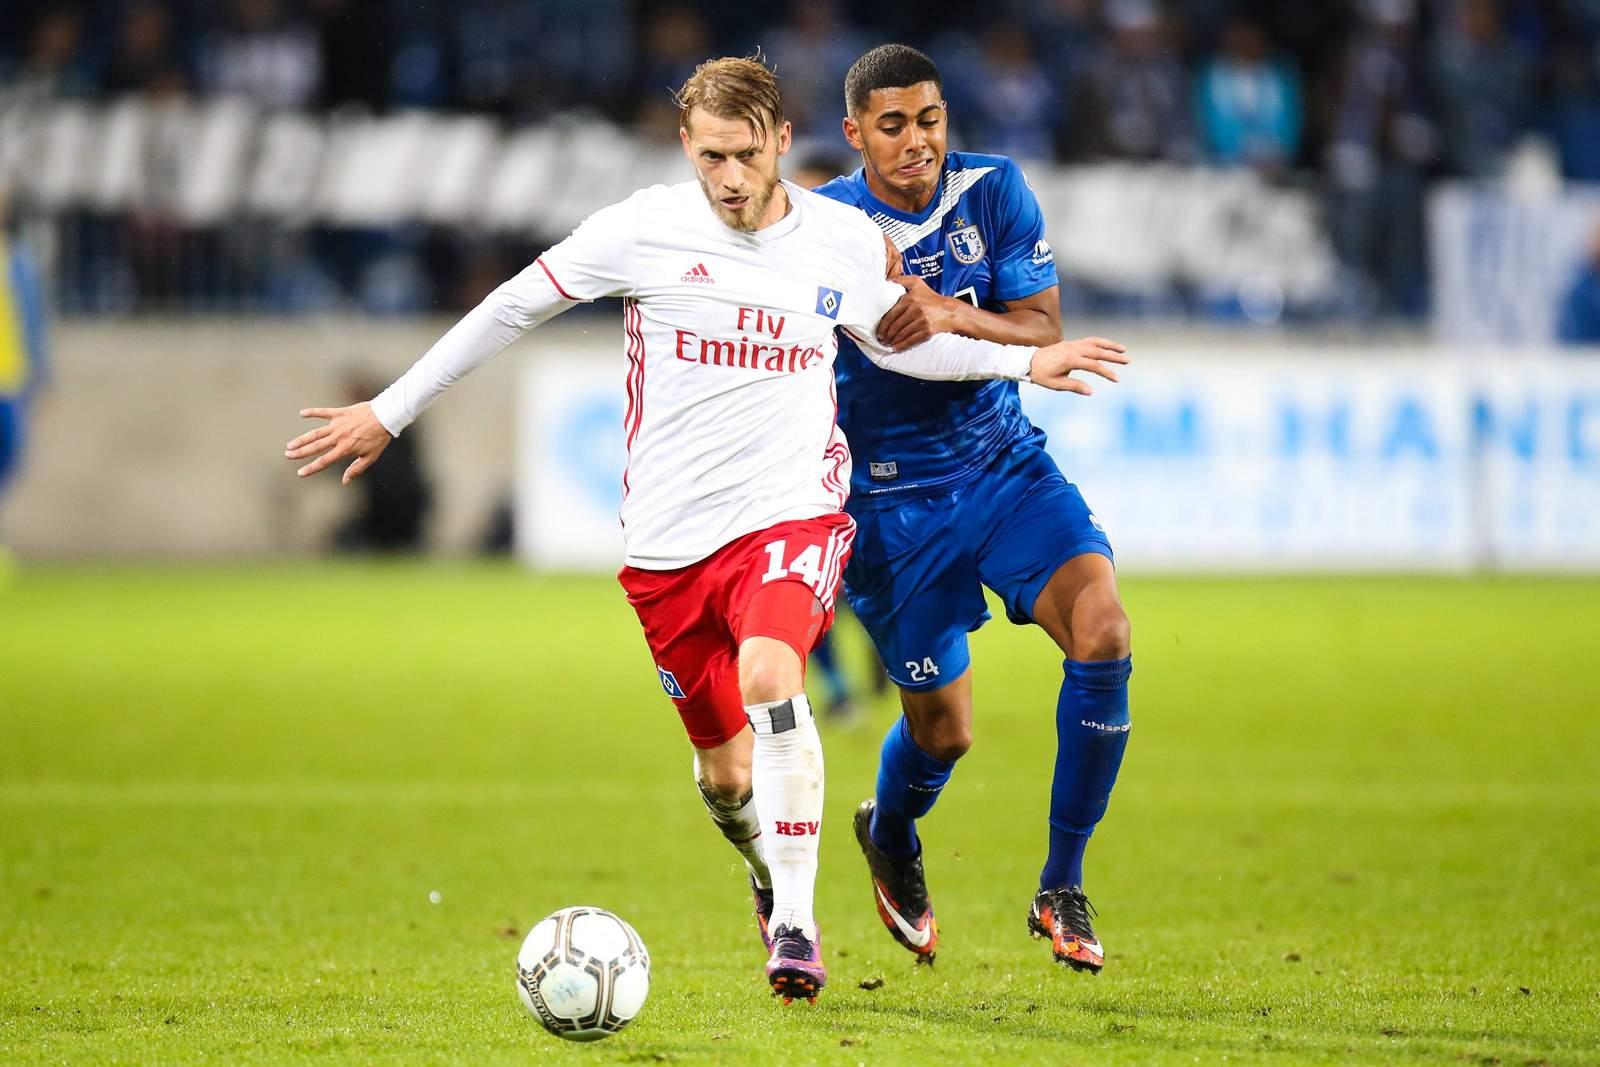 Setzt sich Aaron Hunt gegen Tarek Chahed durch? Jetzt auf Magdeburg gegen den HSV wetten.